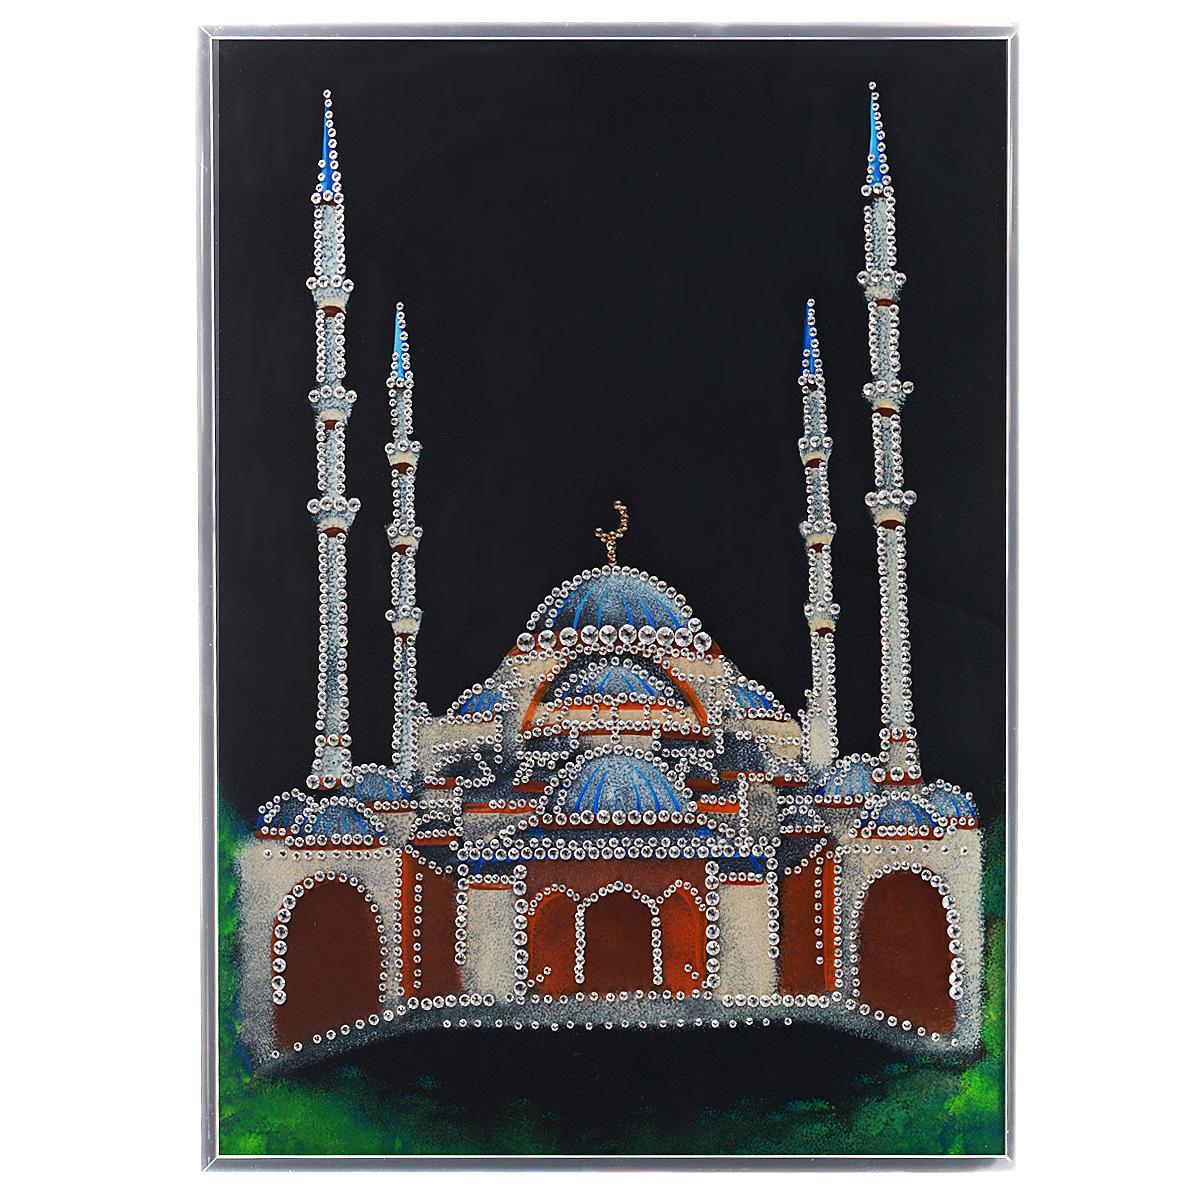 Картина с кристаллами Swarovski Мечеть, 30 см х 40 смPM-4002Изящная картина в алюминиевой раме Мечеть инкрустирована кристаллами Swarovski, которые отличаются четкой и ровной огранкой, ярким блеском и чистотой цвета. Идеально подобранная палитра кристаллов прекрасно дополняет картину. С задней стороны изделие оснащено специальной металлической петелькой для размещения на стене. Картина с кристаллами Swarovski элегантно украсит интерьер дома, а также станет прекрасным подарком, который обязательно понравится получателю. Блеск кристаллов в интерьере - что может быть сказочнее и удивительнее. Изделие упаковано в подарочную картонную коробку синего цвета и комплектуется сертификатом соответствия Swarovski.